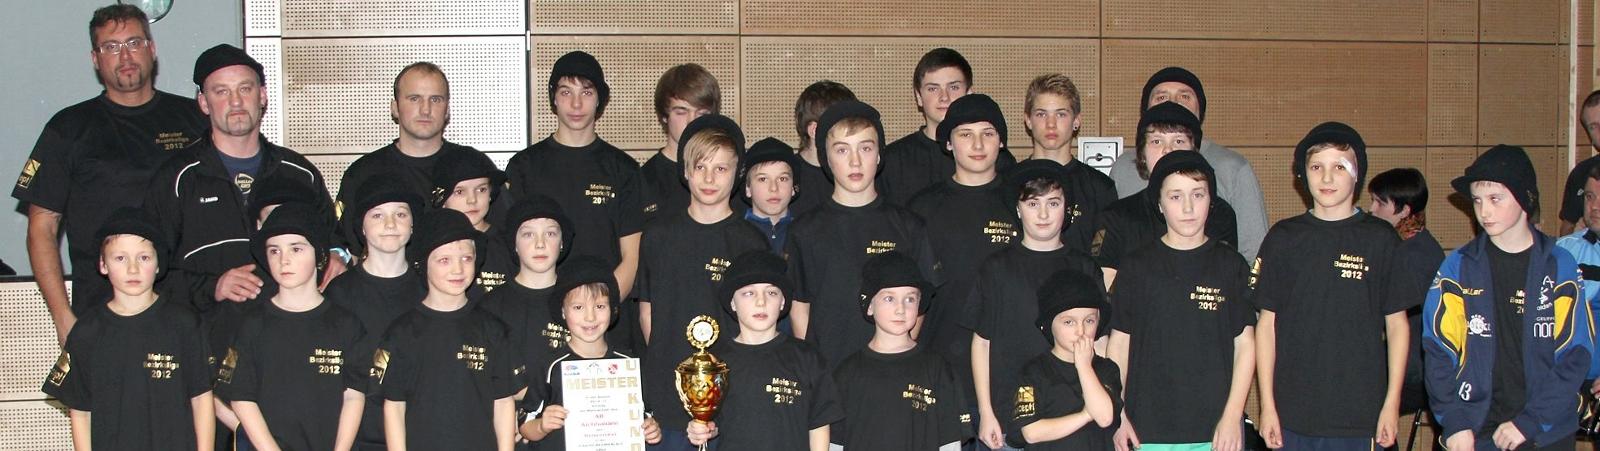 Banner Meisterschaft Schüler 2013